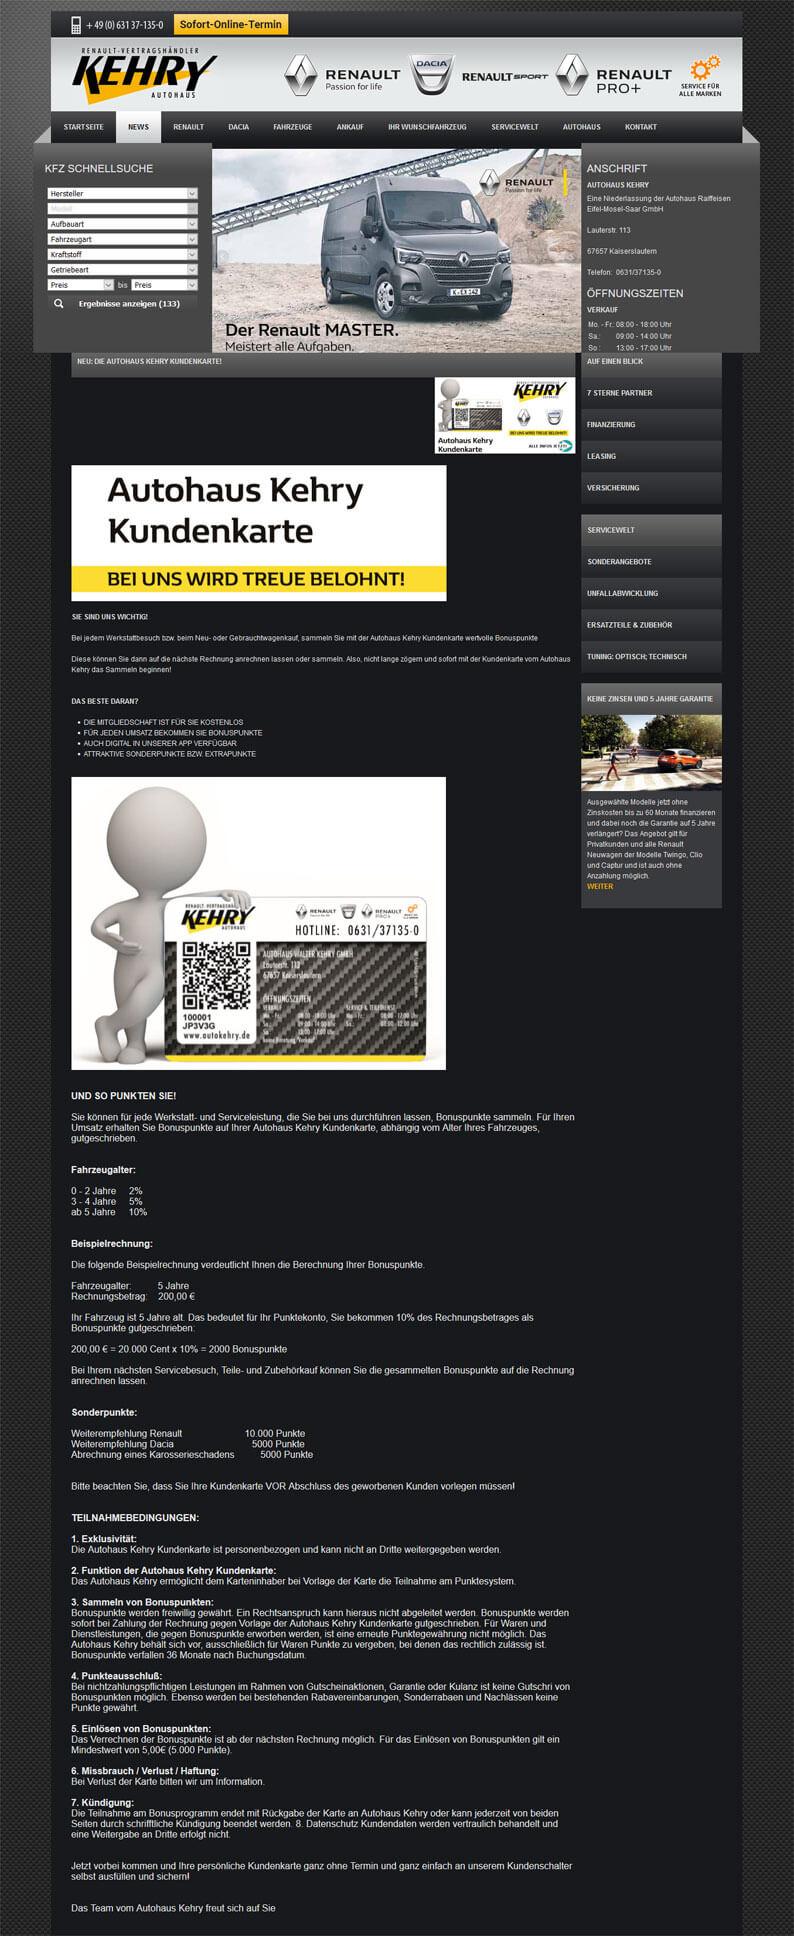 Die Kundenkarte vom Autohaus Raiffeisen (Auto Kehry) auf der Webseite